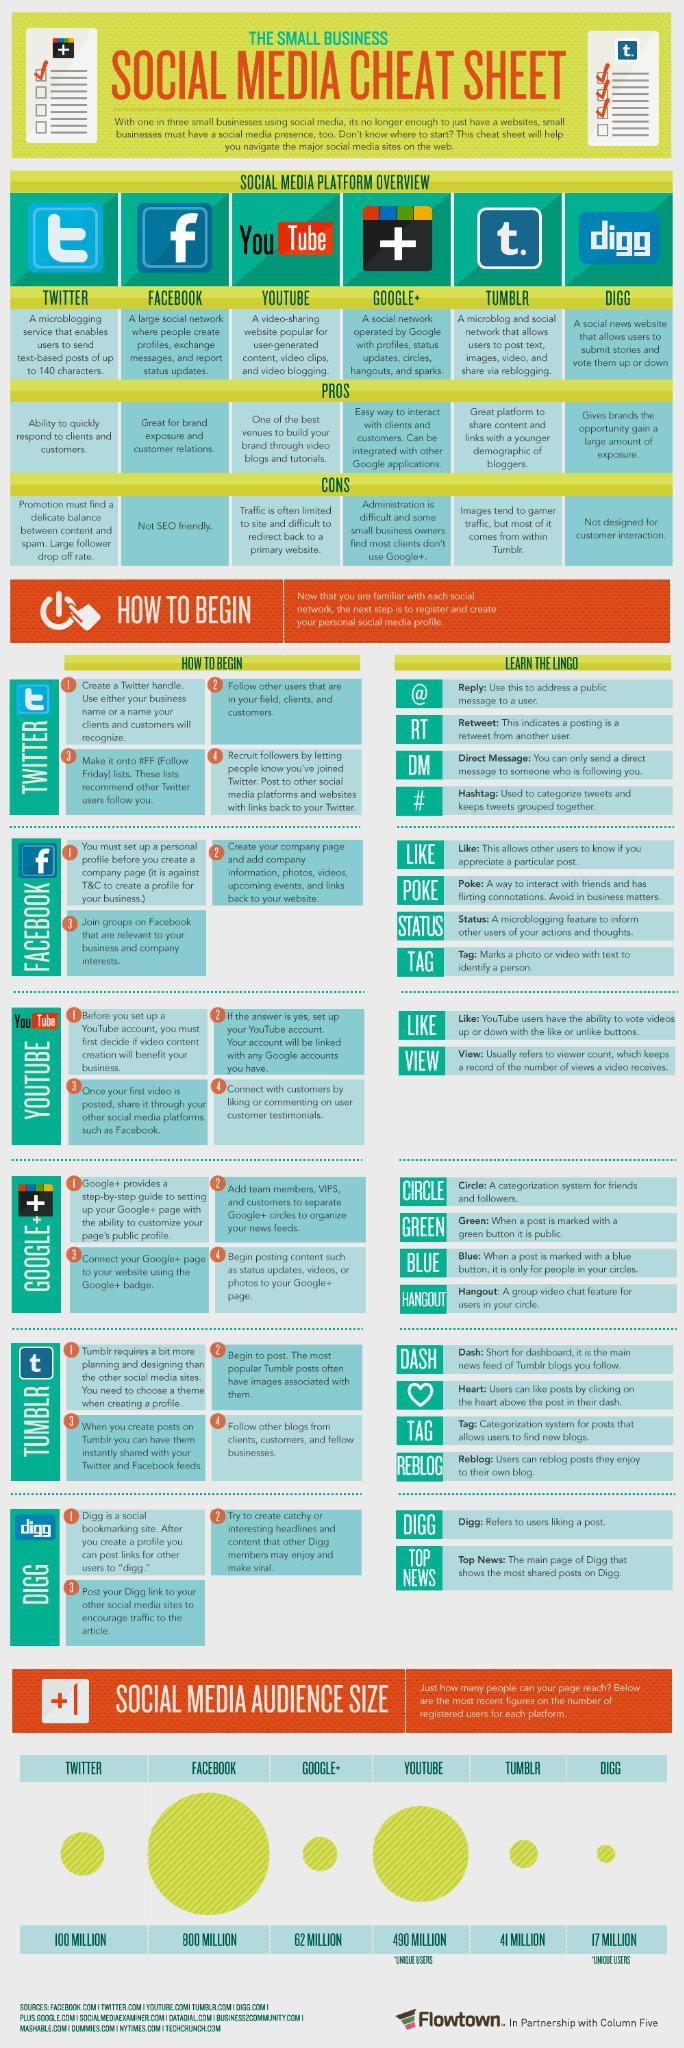 Twitter / businessvibes: Social Media Marketing:  Socia Media Cheat Sheet.